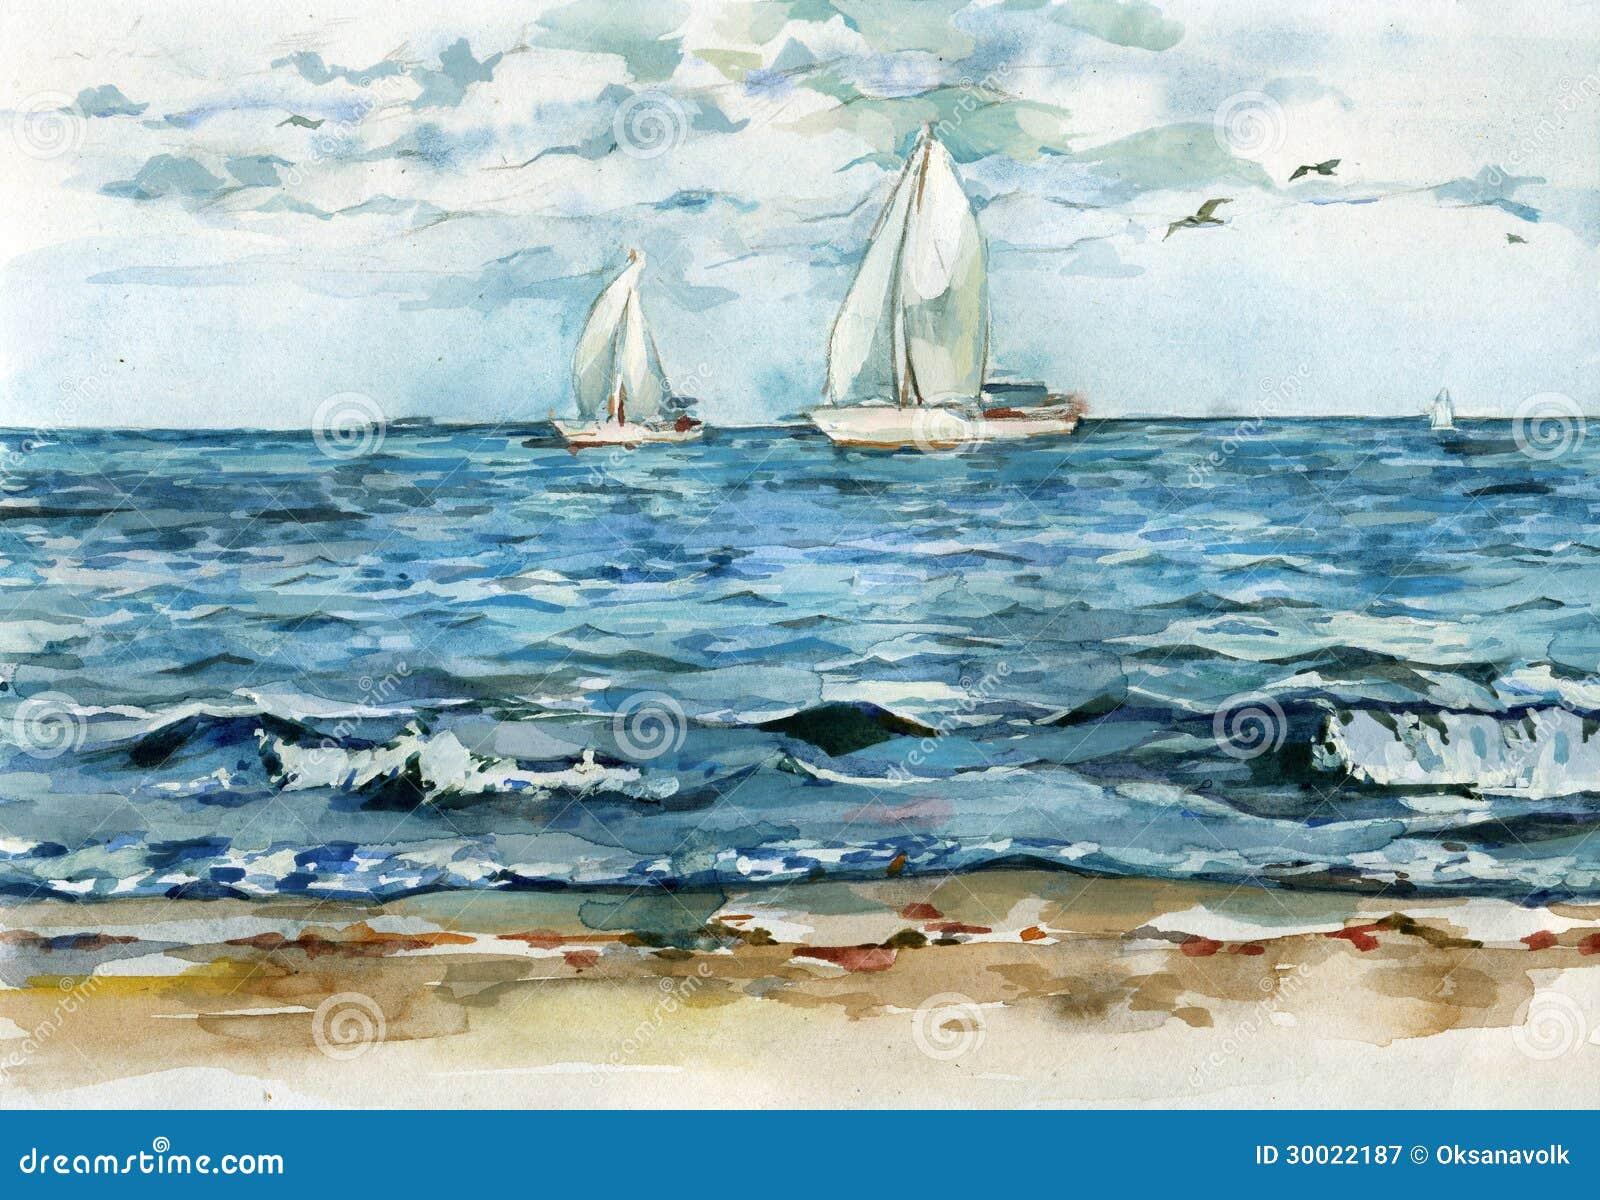 Fait de la navigation de plaisance le driftind dans l illustration bleue tranquille d aquarelle de mer